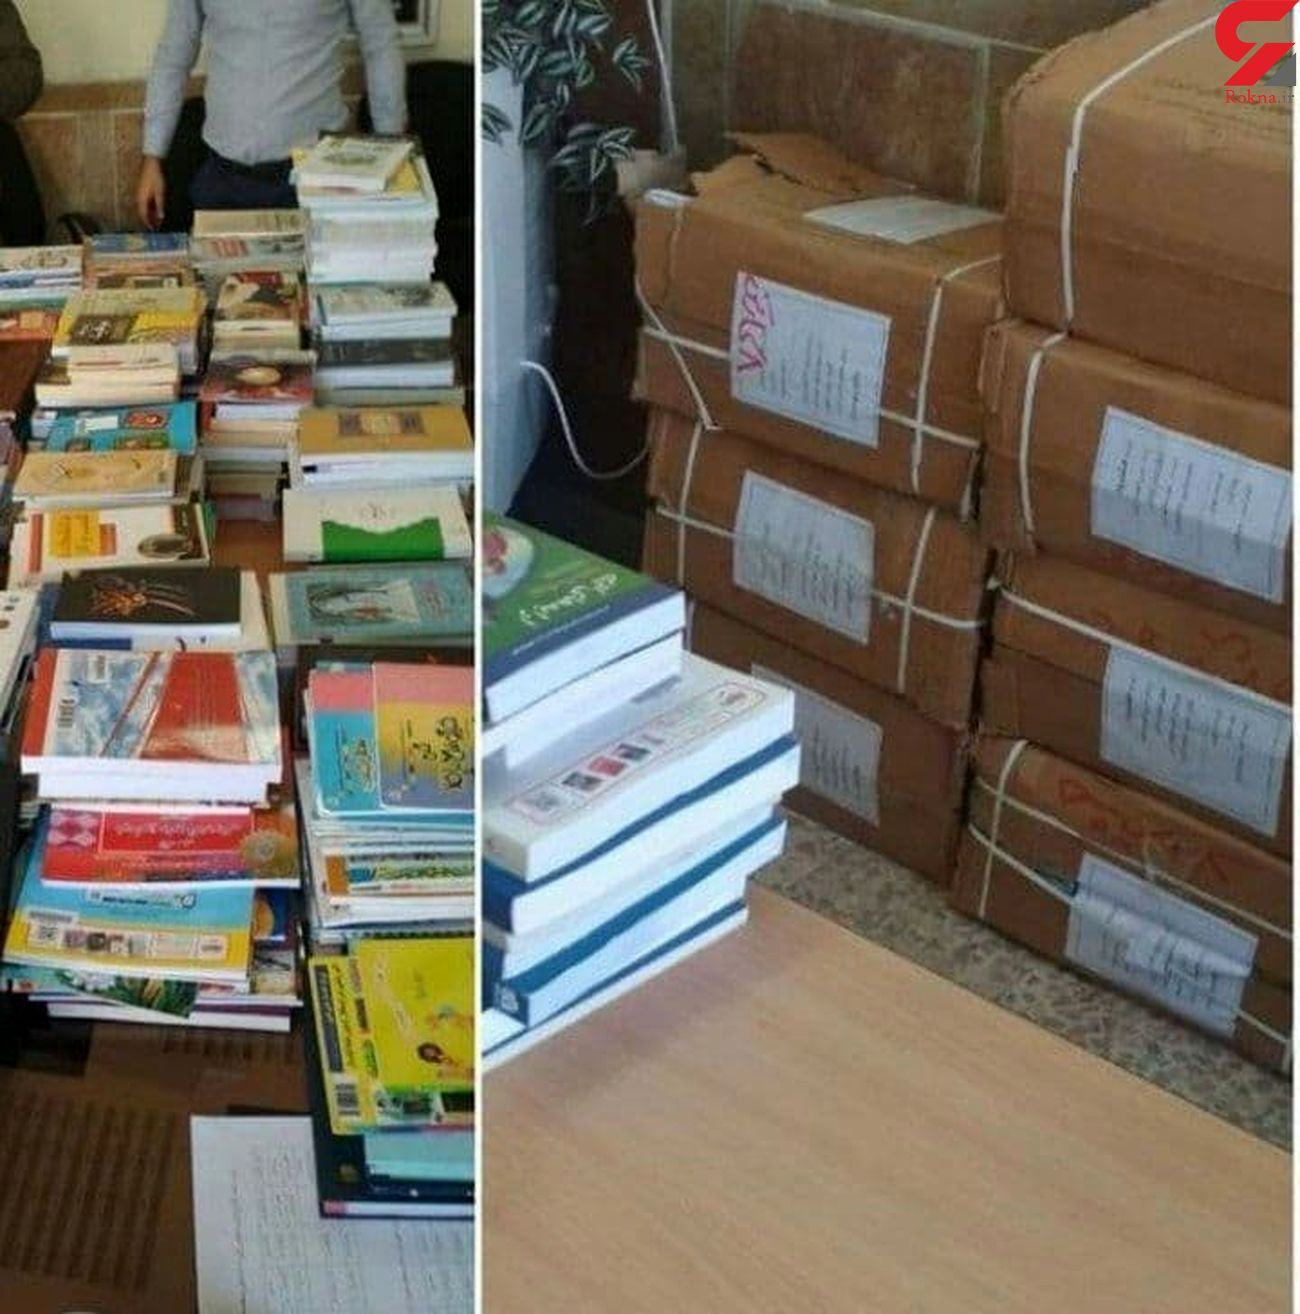 خانه کتاب ایران به مدارس هشترود کتاب هدیه کرد